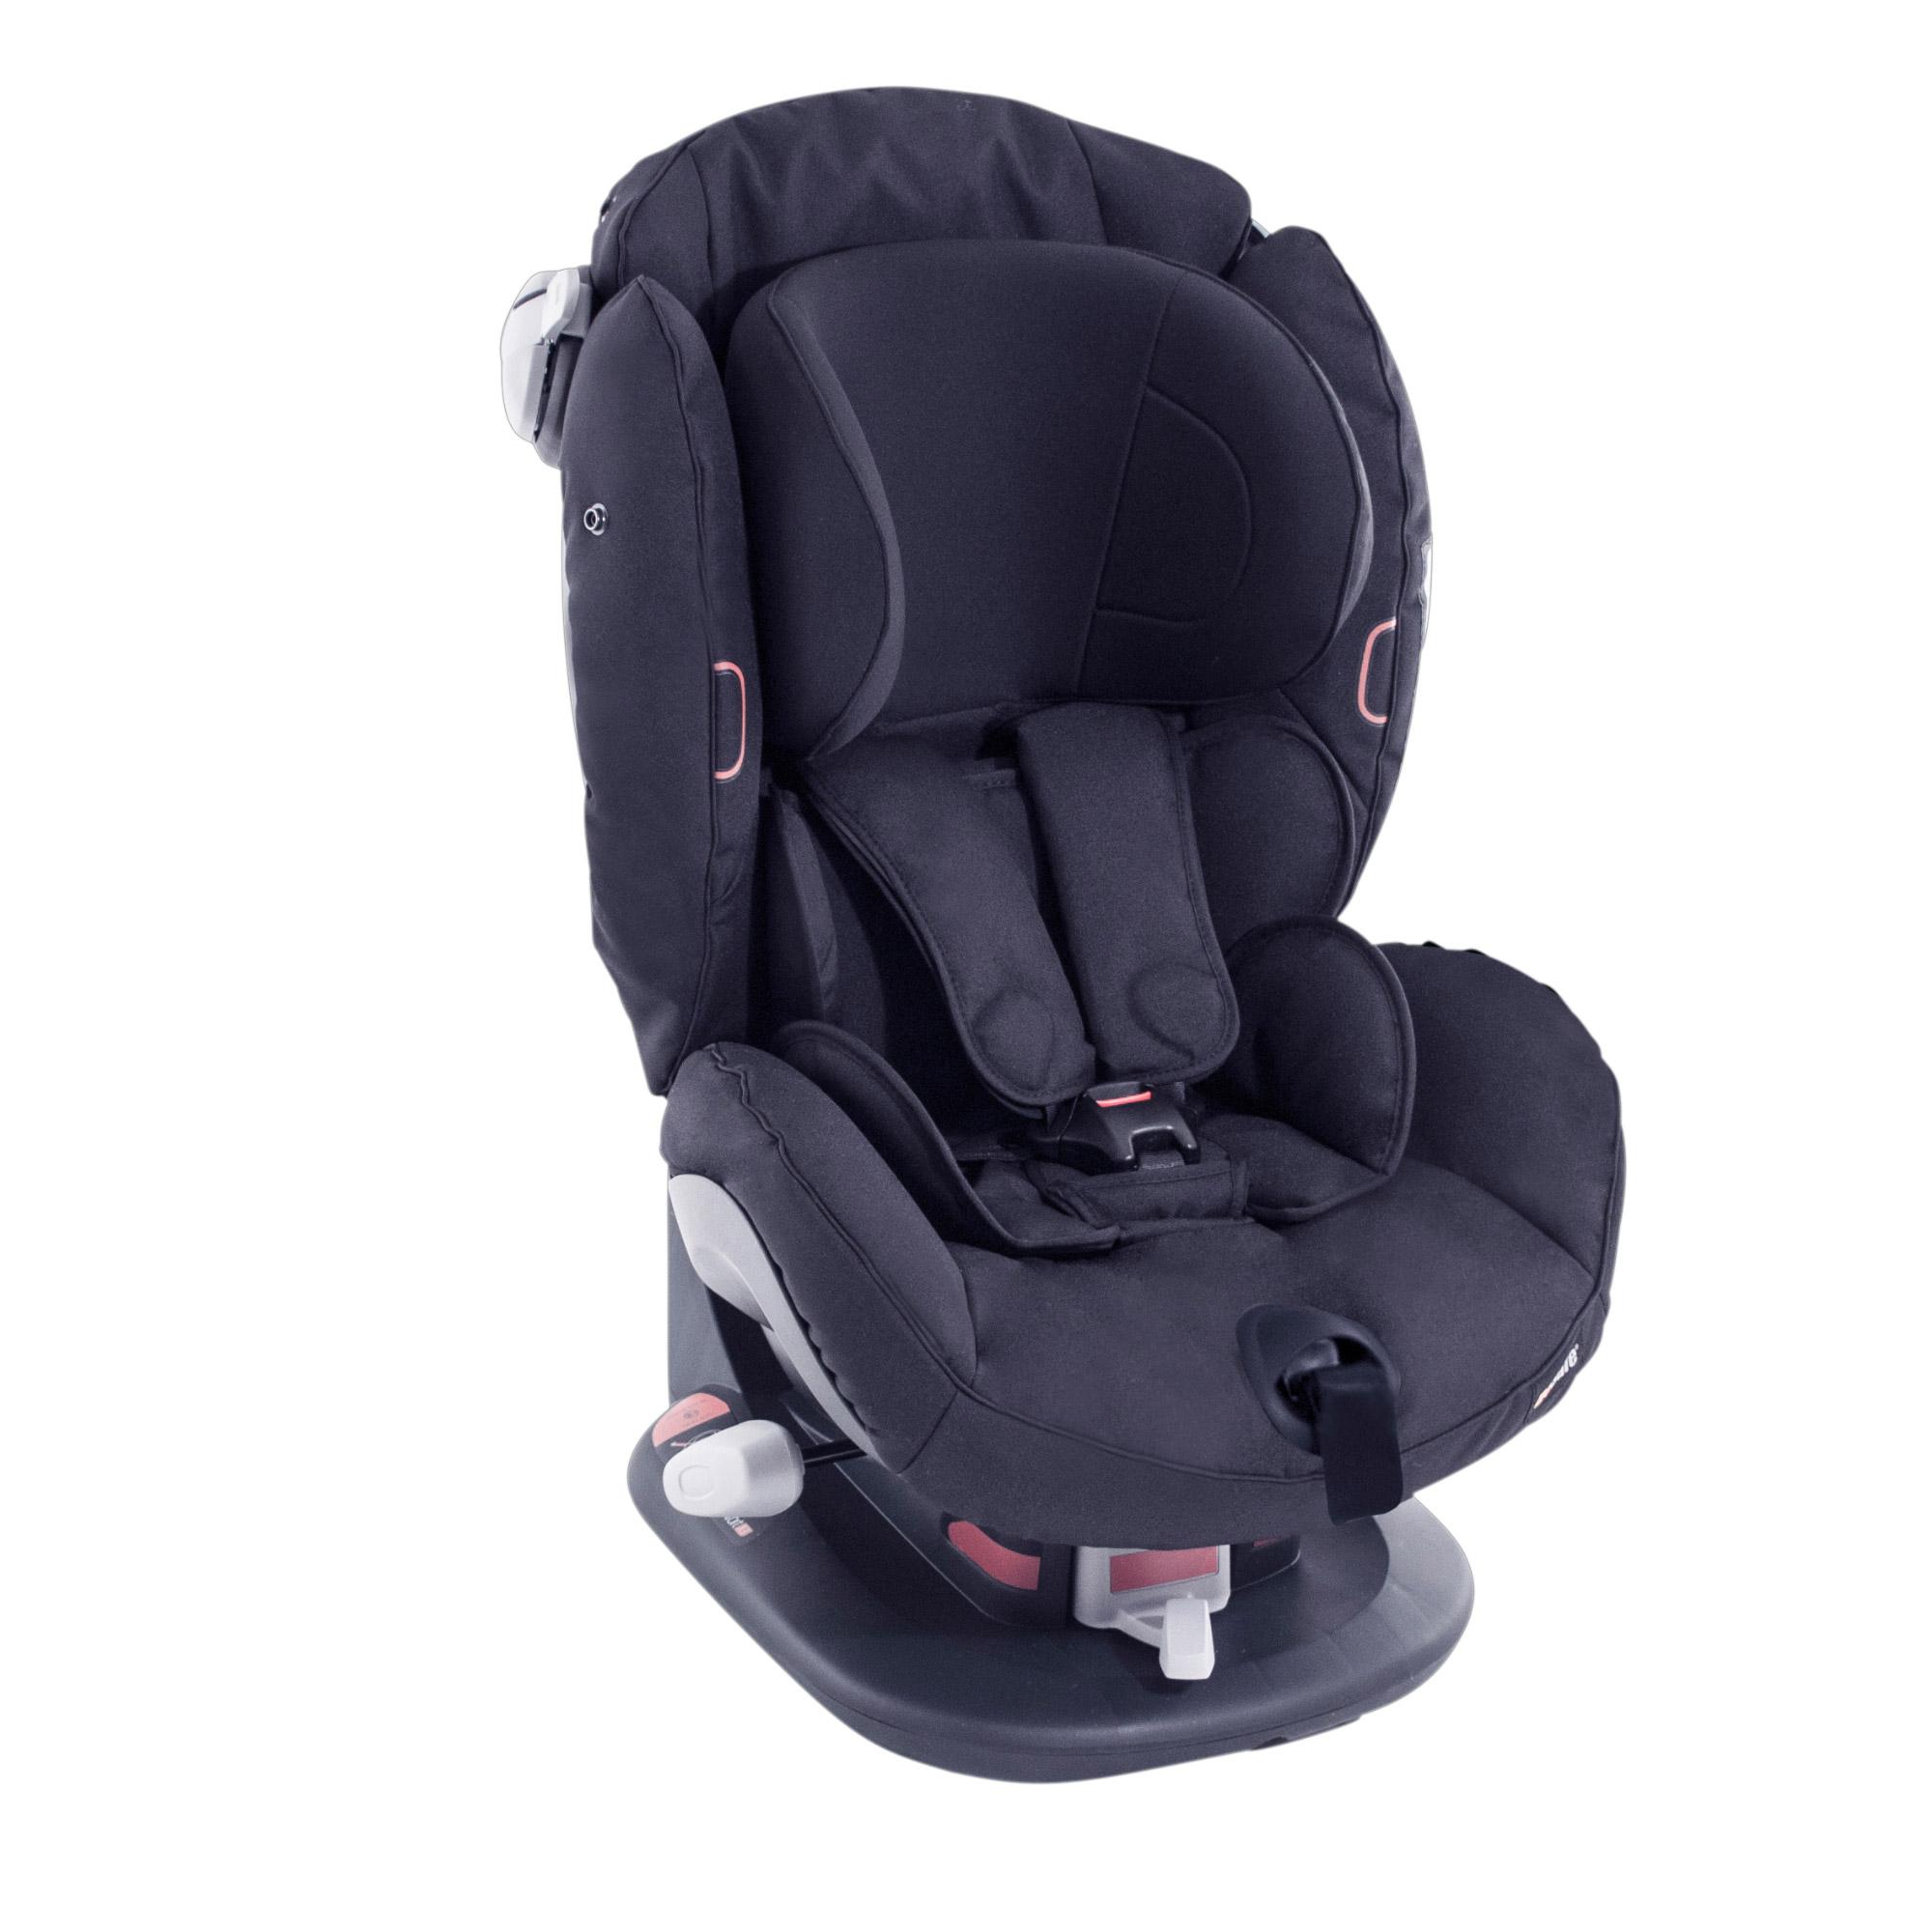 izi comfort x3 belt fitted car seat. Black Bedroom Furniture Sets. Home Design Ideas